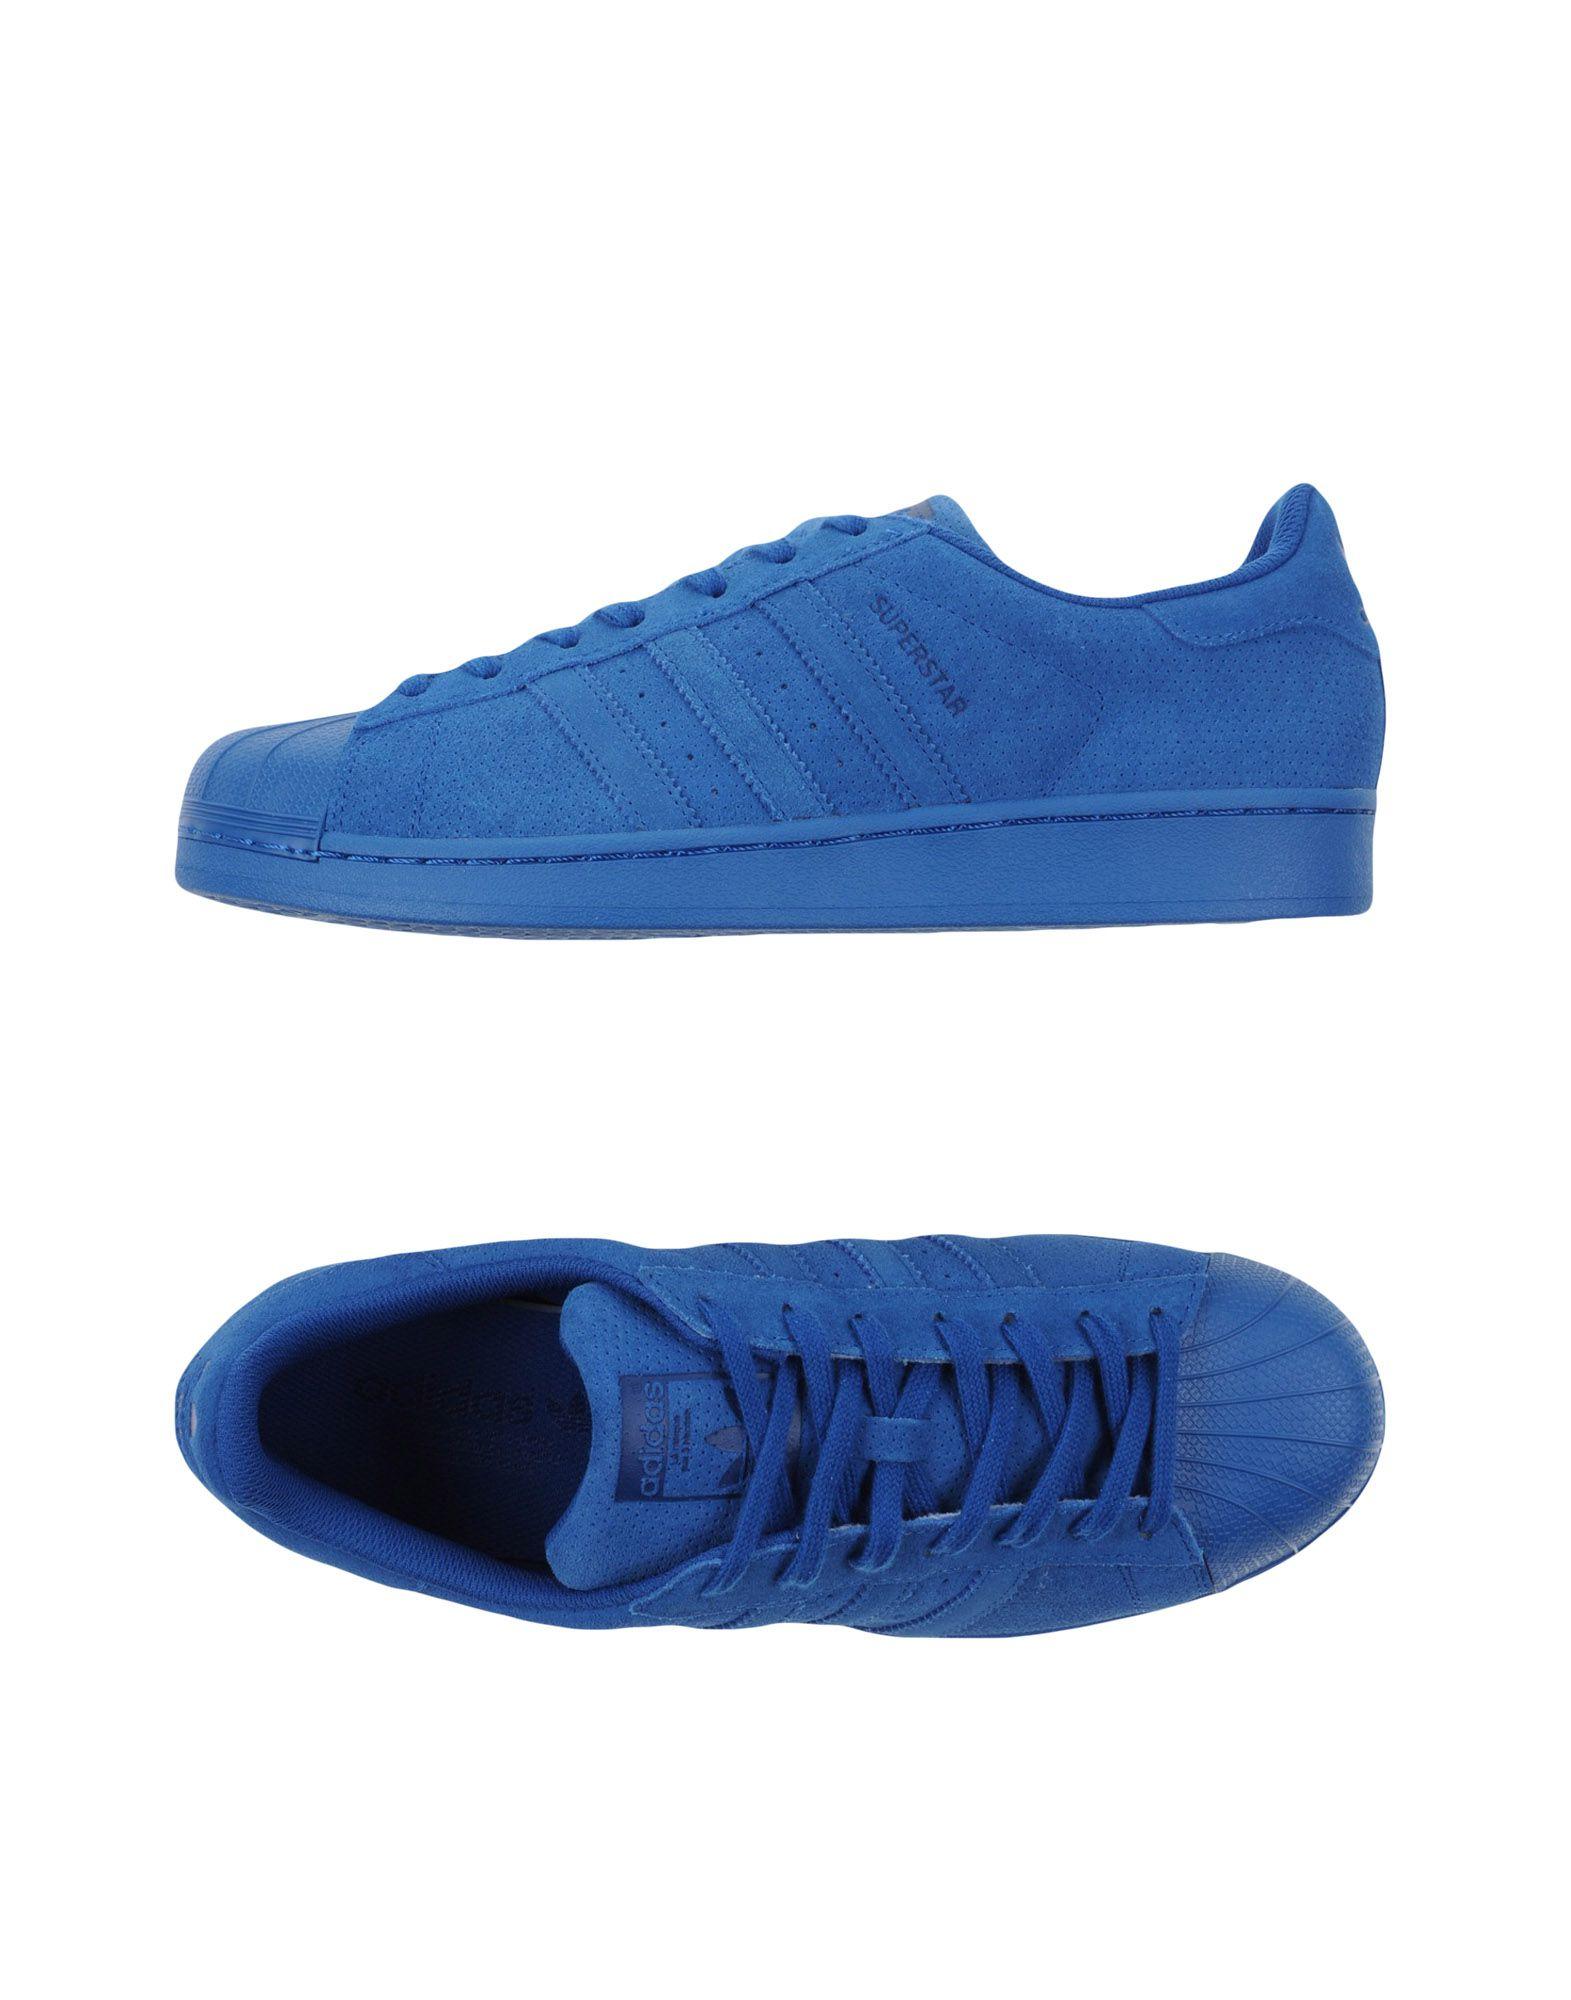 Vásárlás Pickering hüvelykujj adidas dragon homme bleu azur ...